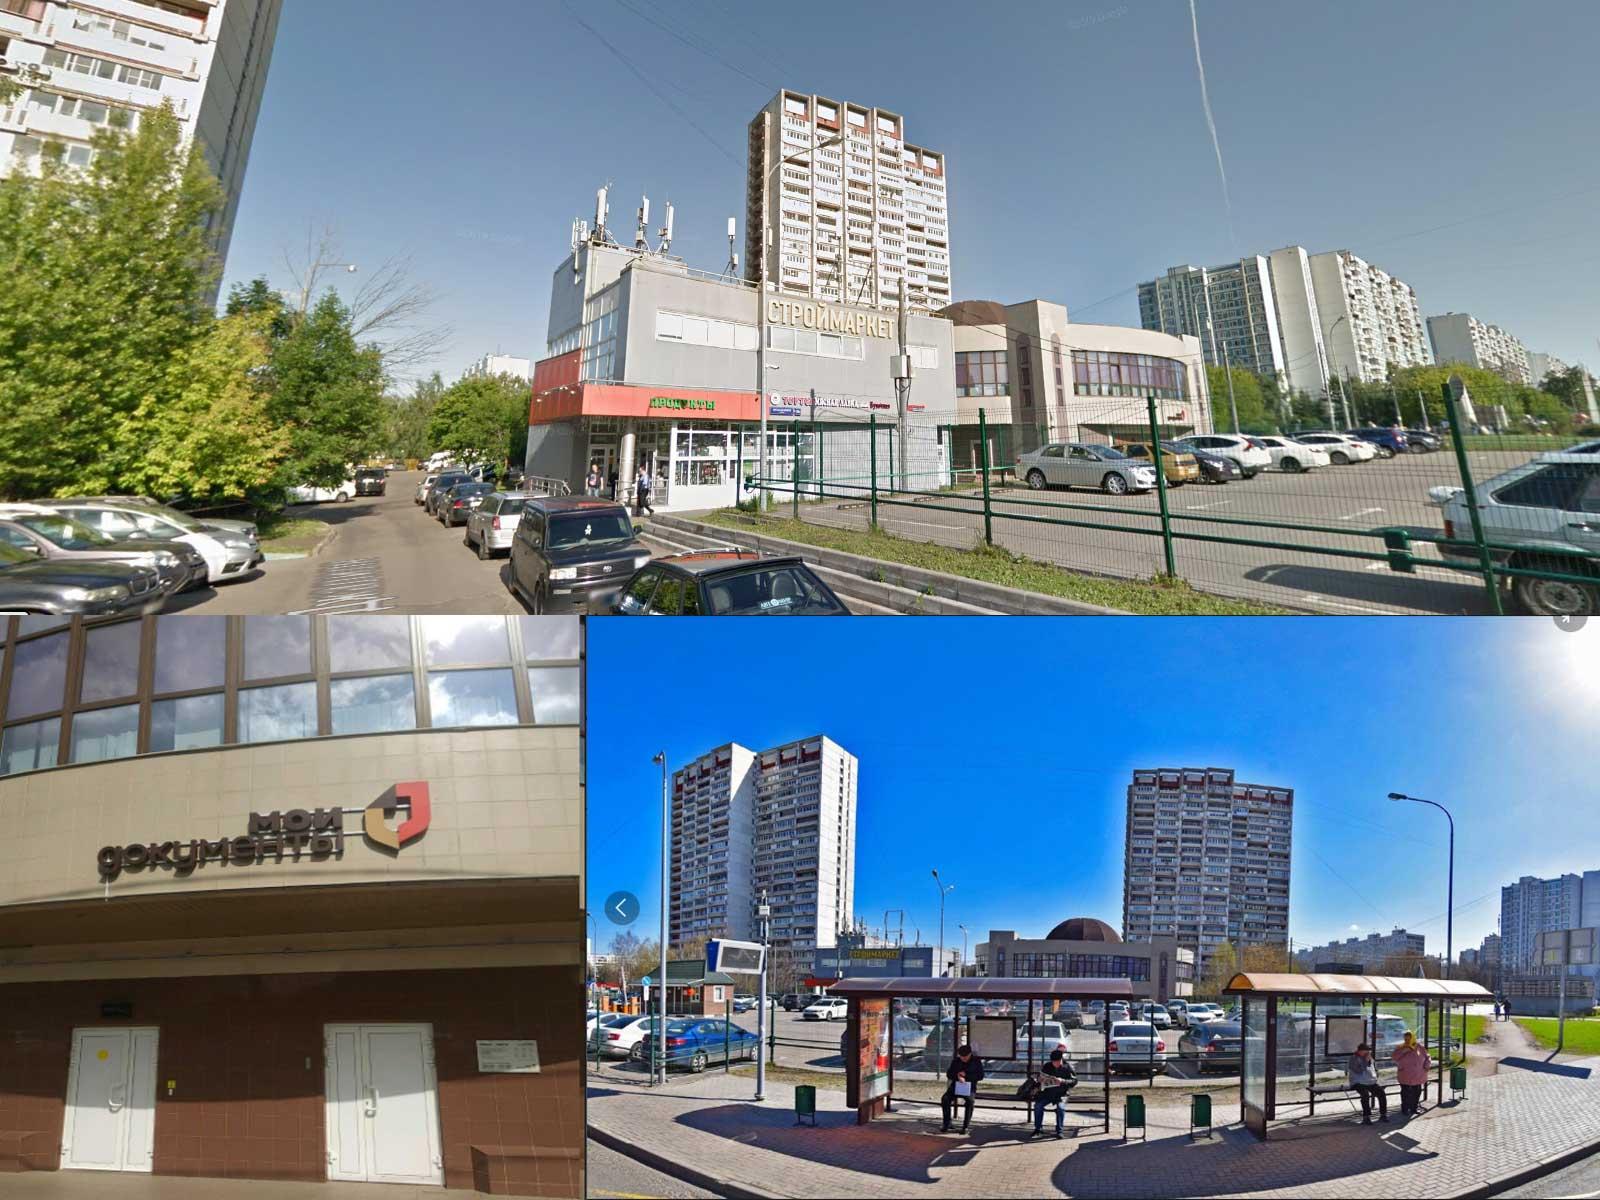 вид на здание УФМС по району Зябликово, ул. Мусы Джалиля, 21, Москва